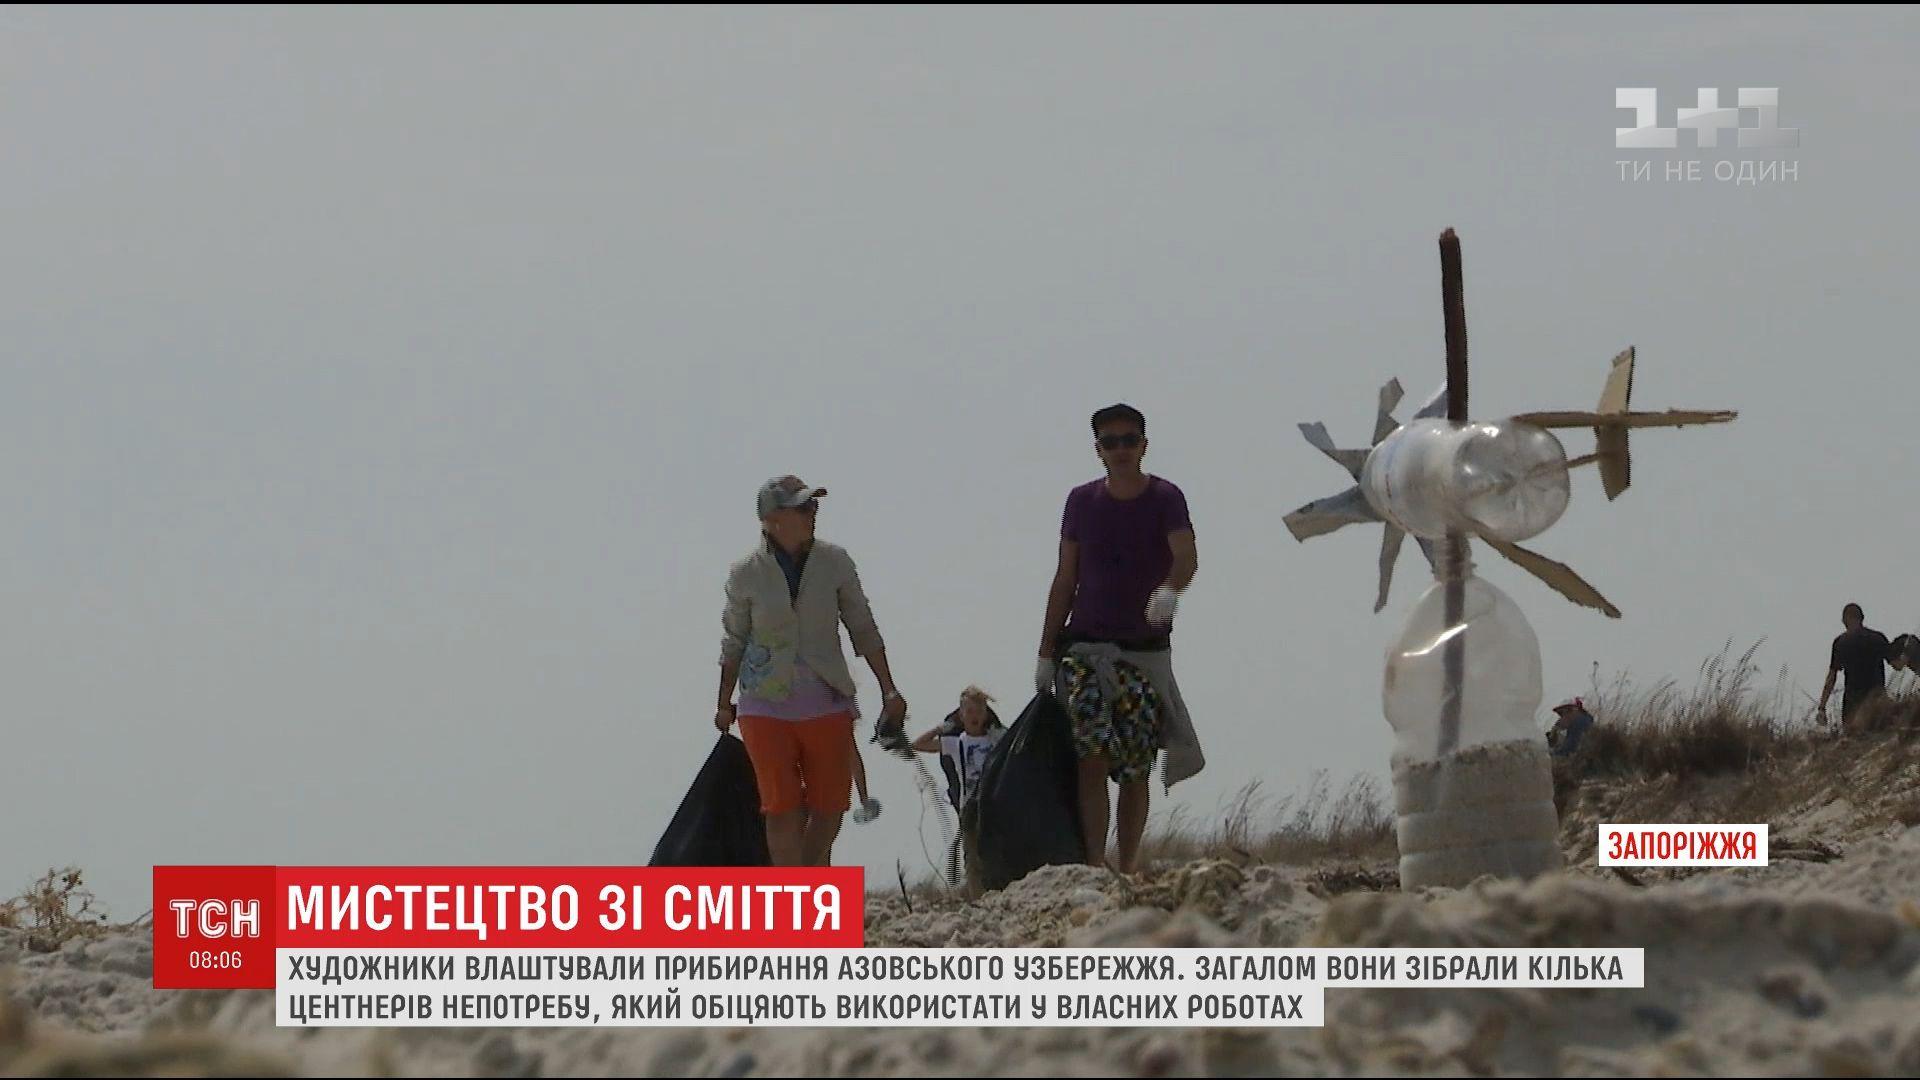 Европейские художники устроили уборку Азовского побережья / Скриншот видео ТСН